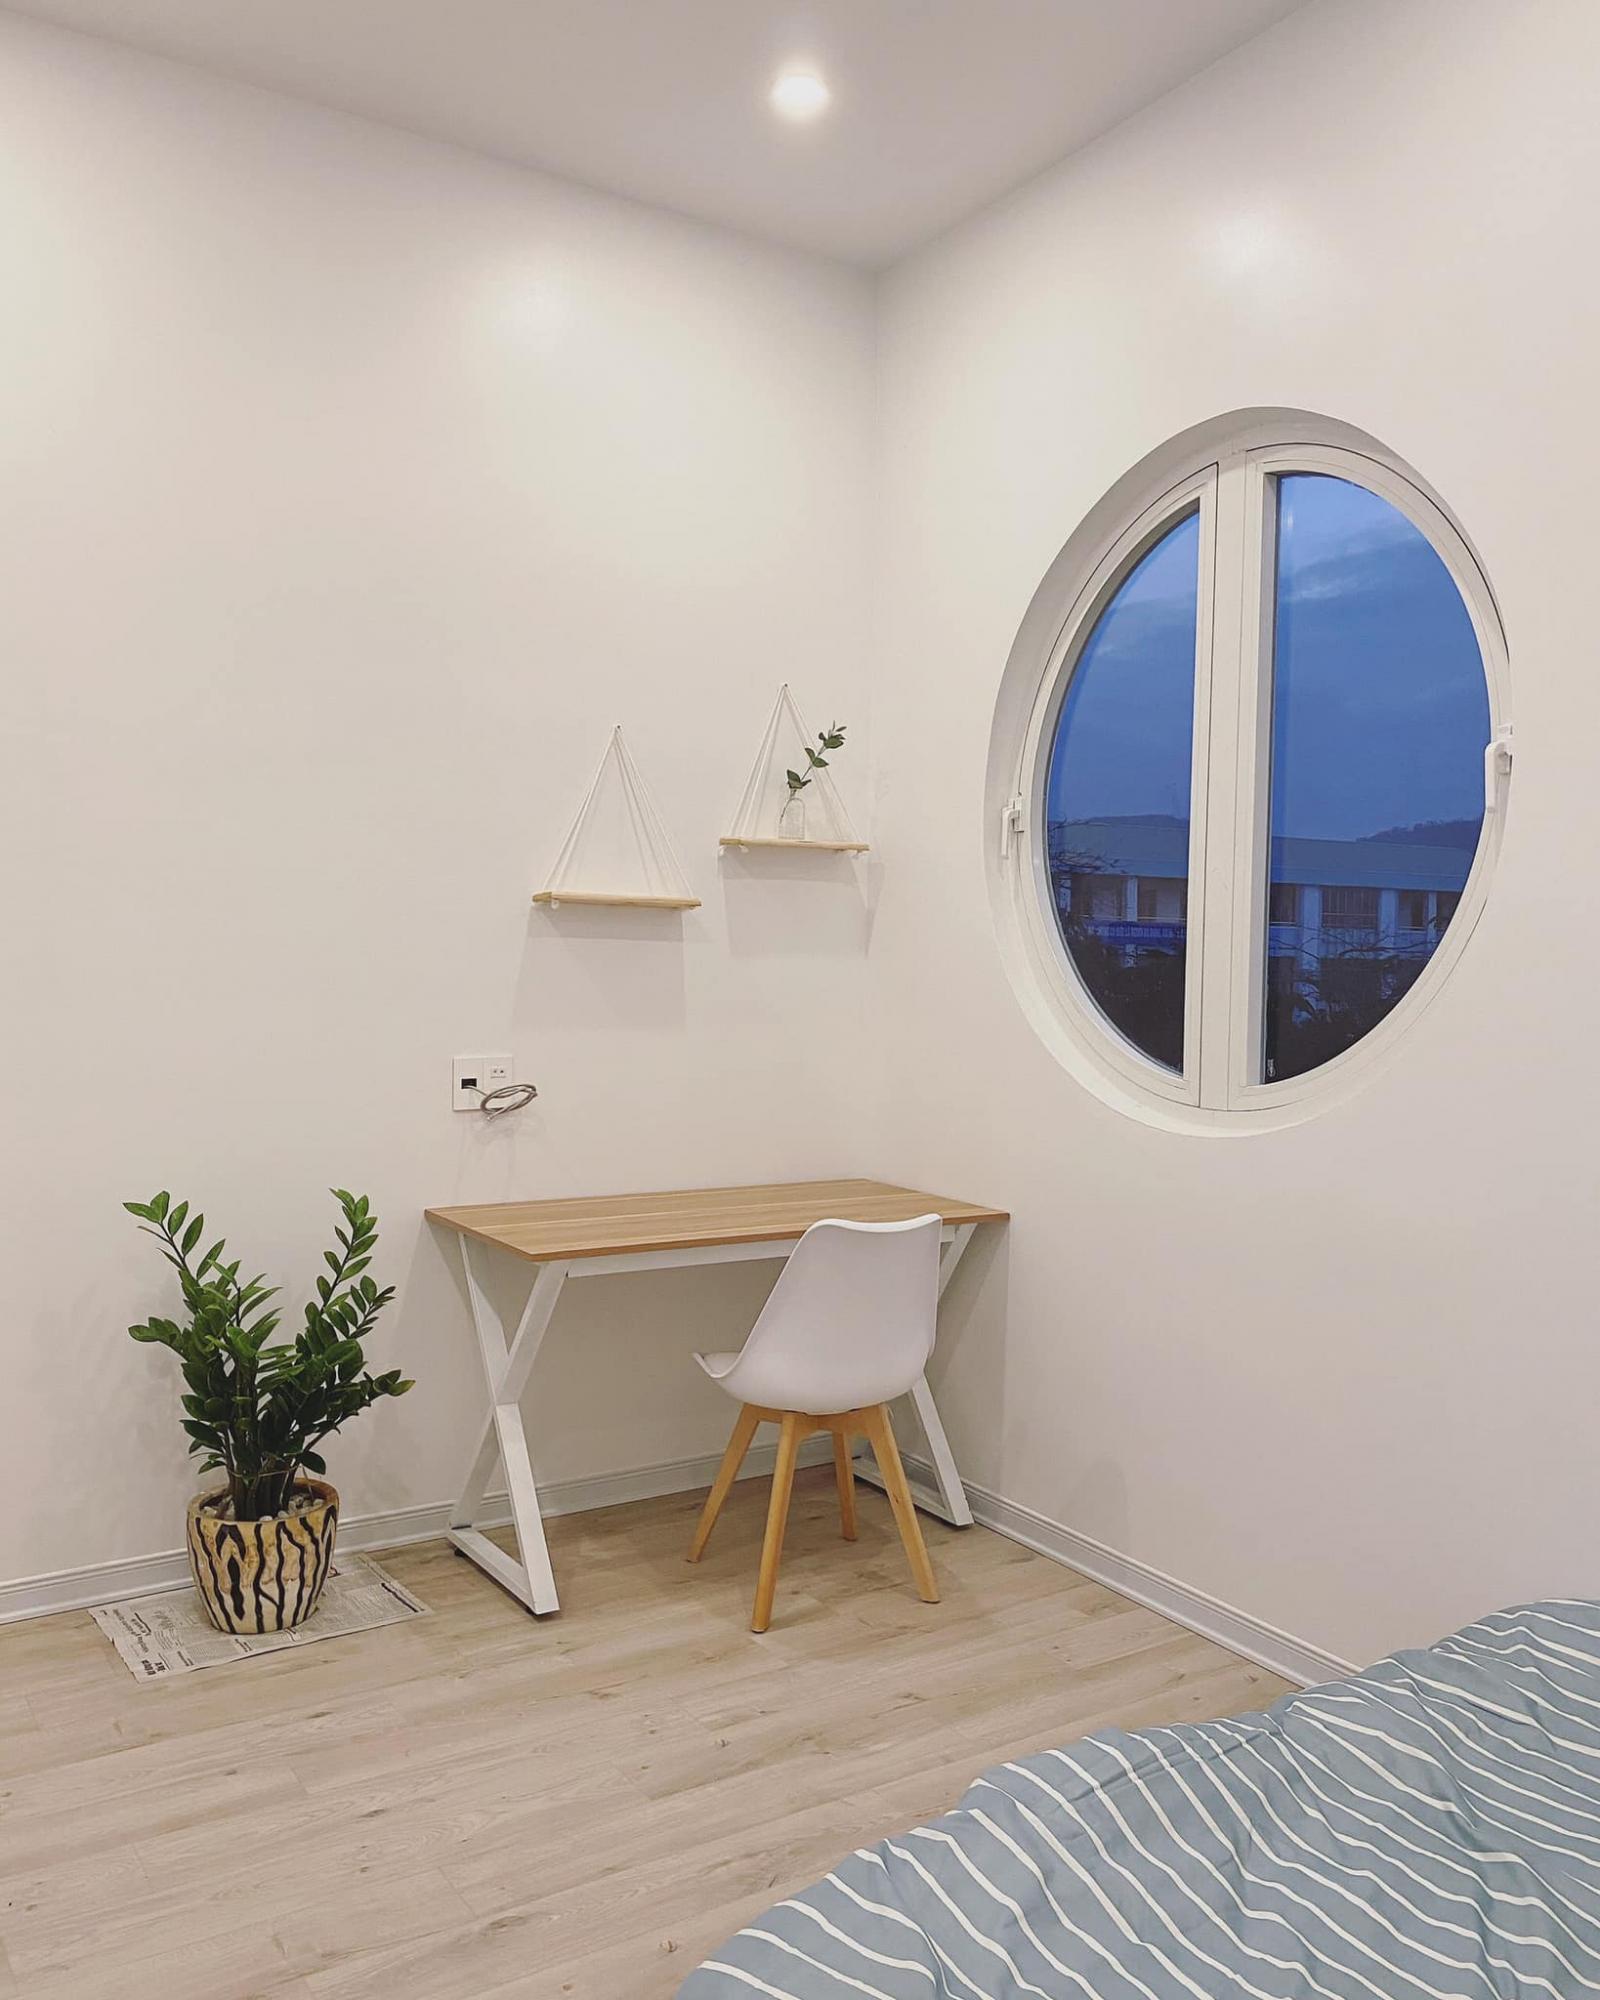 Góc làm việc, học tập được bố trí cạnh cửa sổ khung tròn xinh xắn.